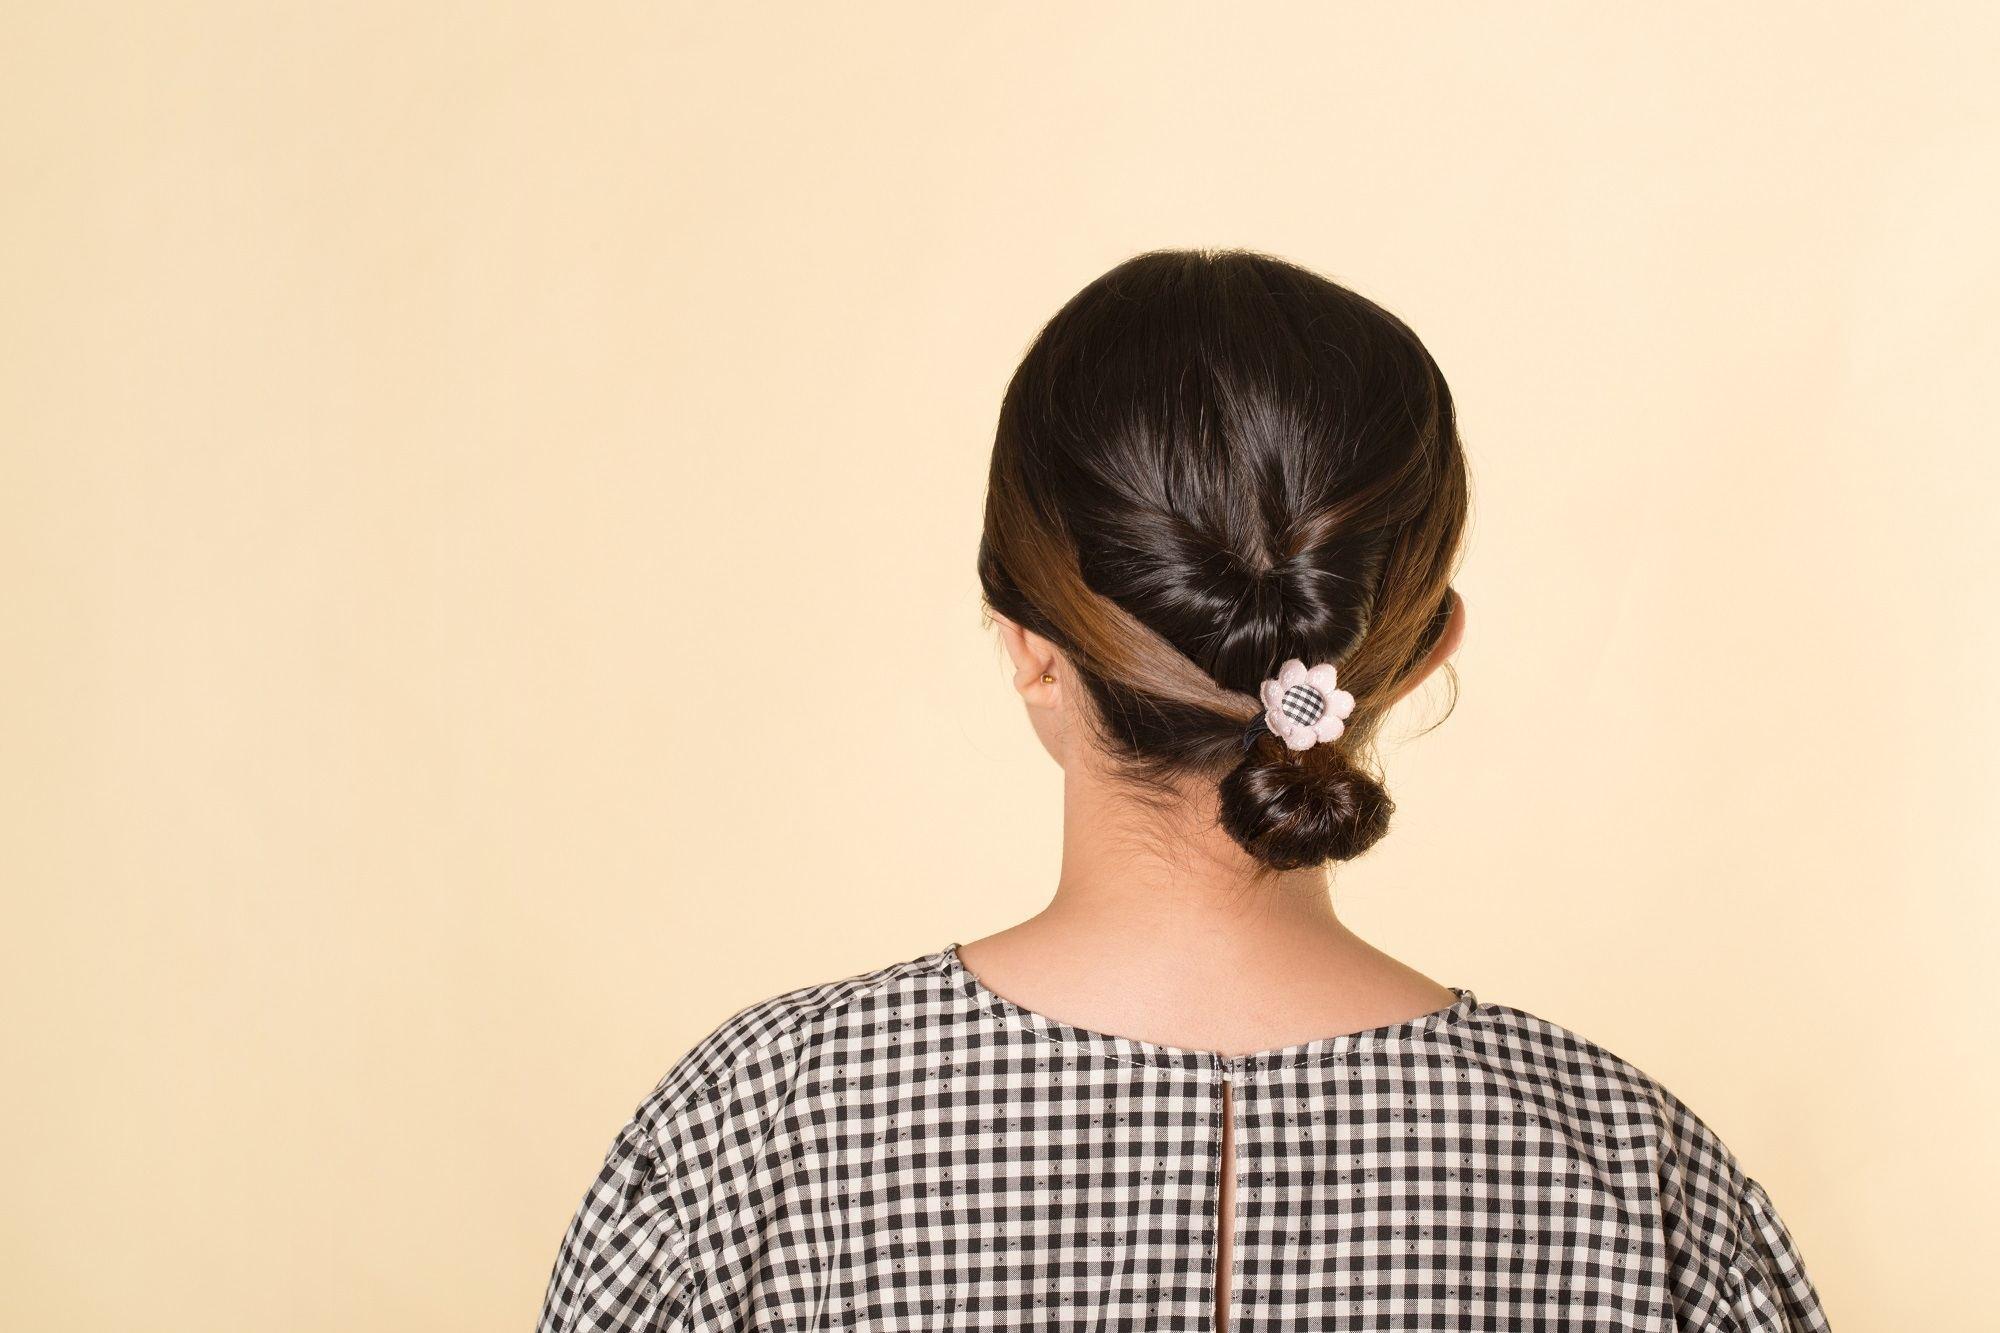 gaya rambut Twist loop ponytail